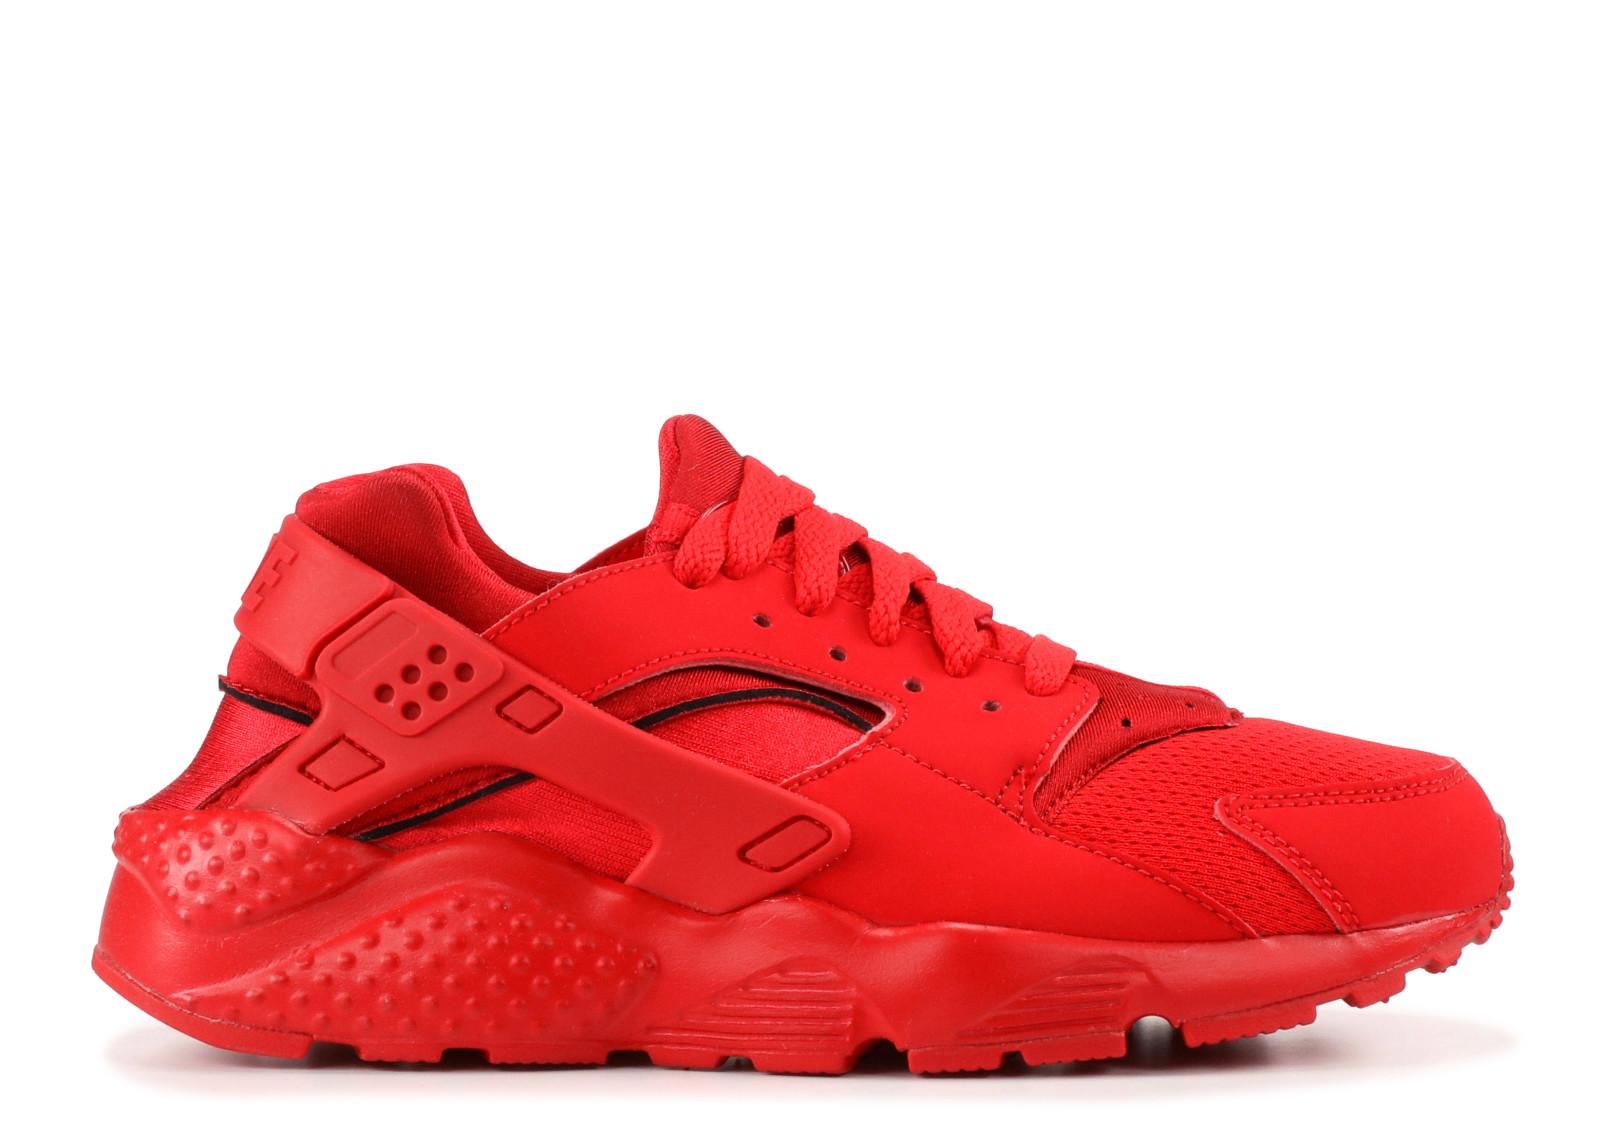 ナイキ ハラチ ラン トリプル 赤 レッド メンズ 男性用 靴 メンズ靴 スニーカー 【 NIKE HUARACHE RUN GS TRIPLE RED UNVRSTY RD RDUNVRSTY 】